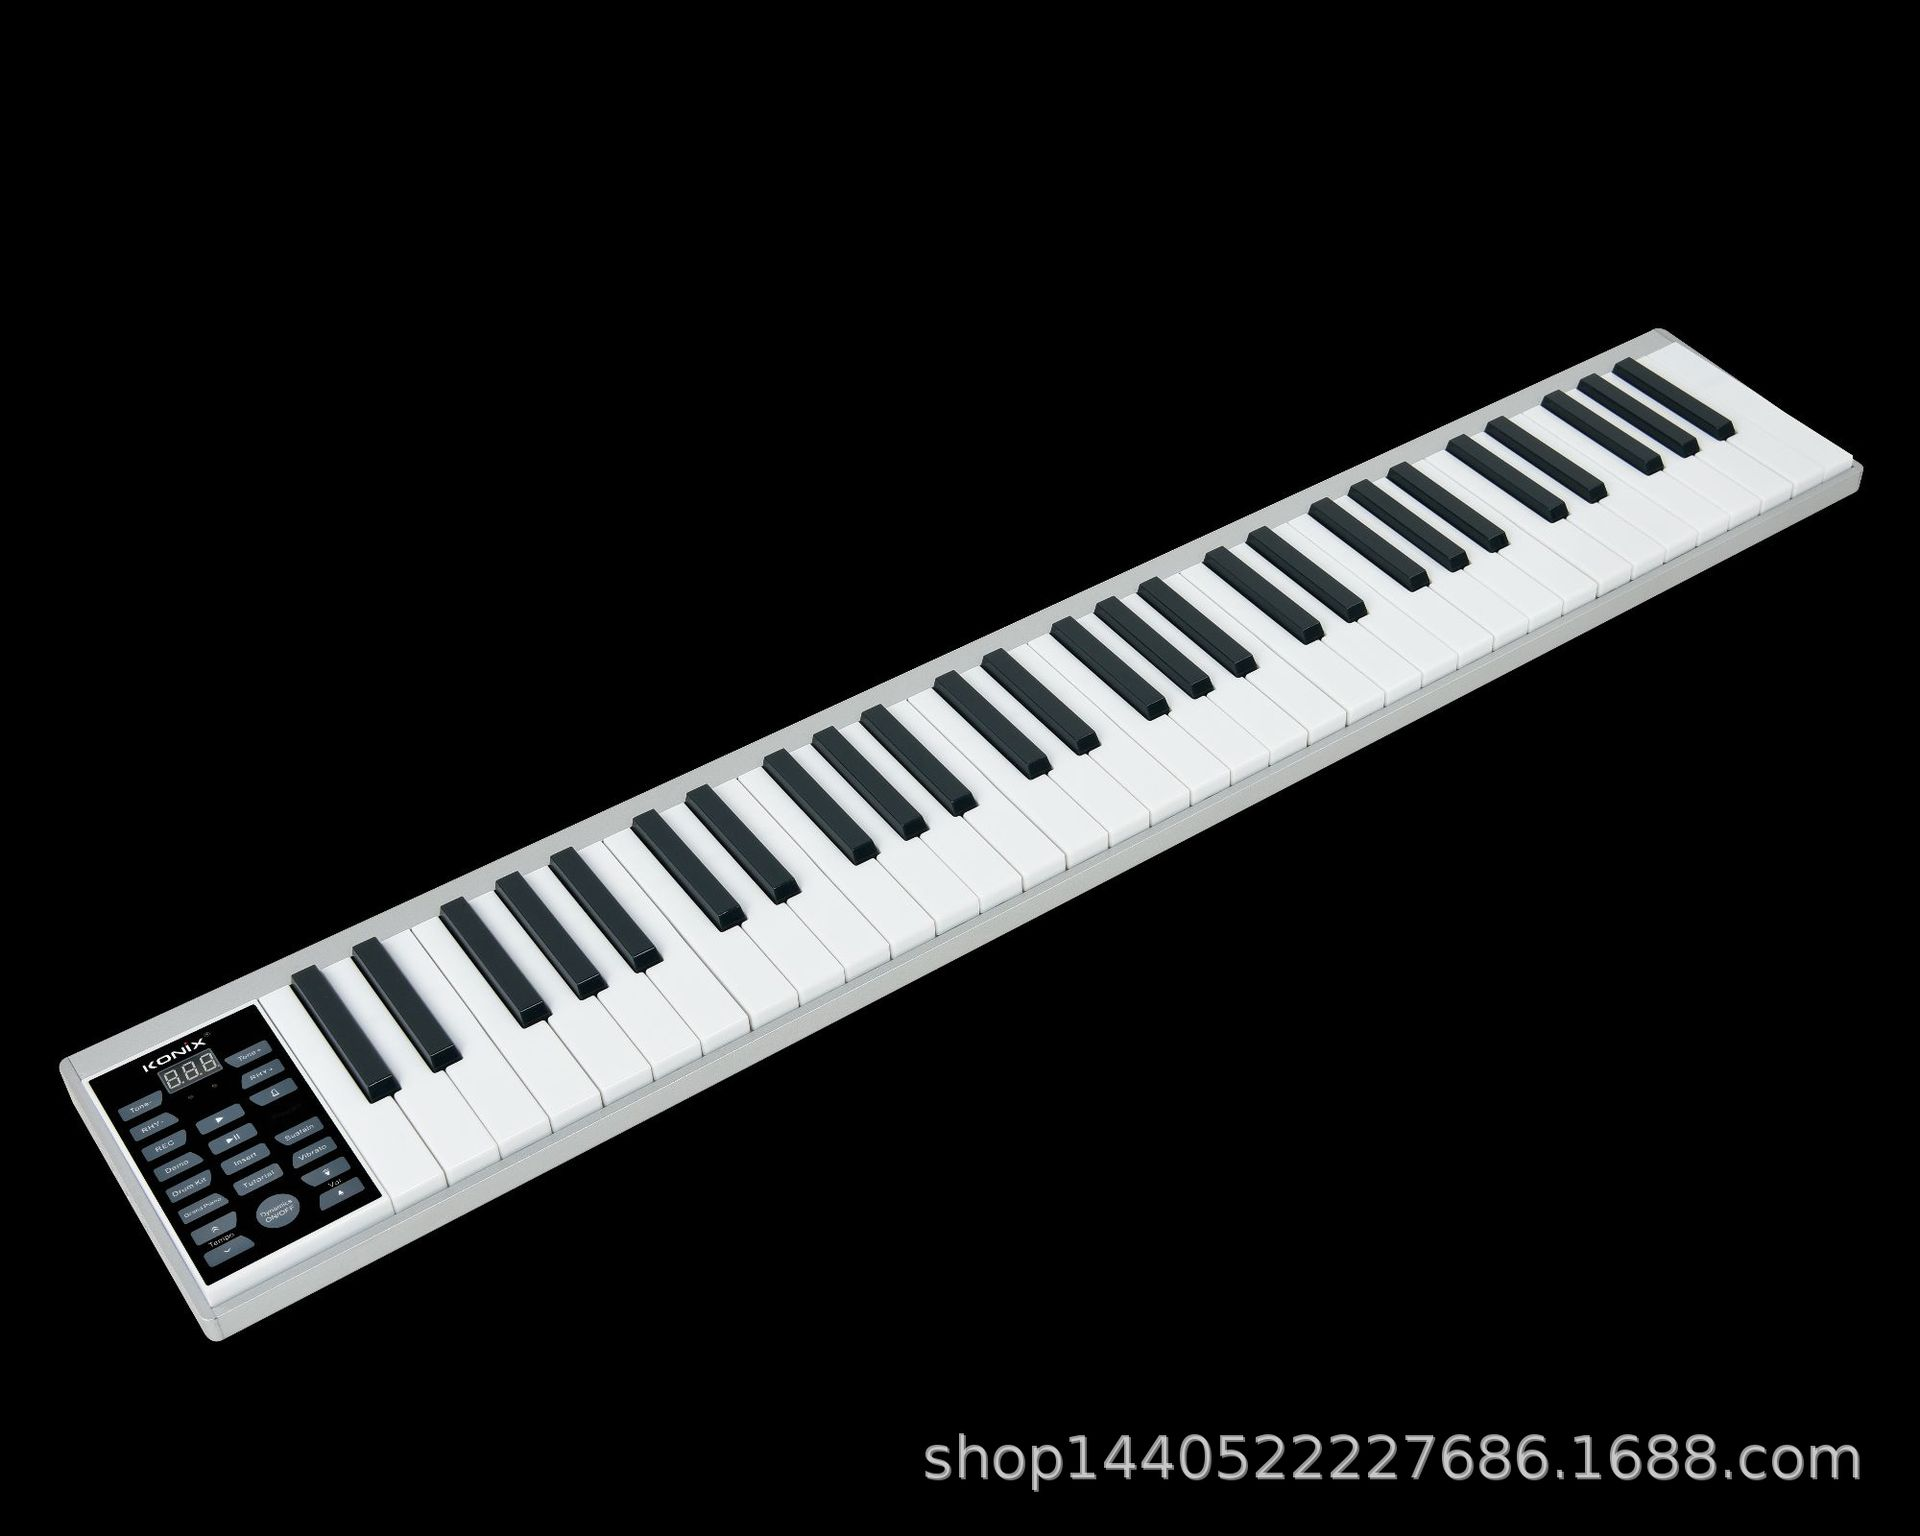 2020 nouveau manuel de Piano Intelligent 61 touches teclado musical Portable électronique Piano adulte professionnel Midi clavier charge - 5